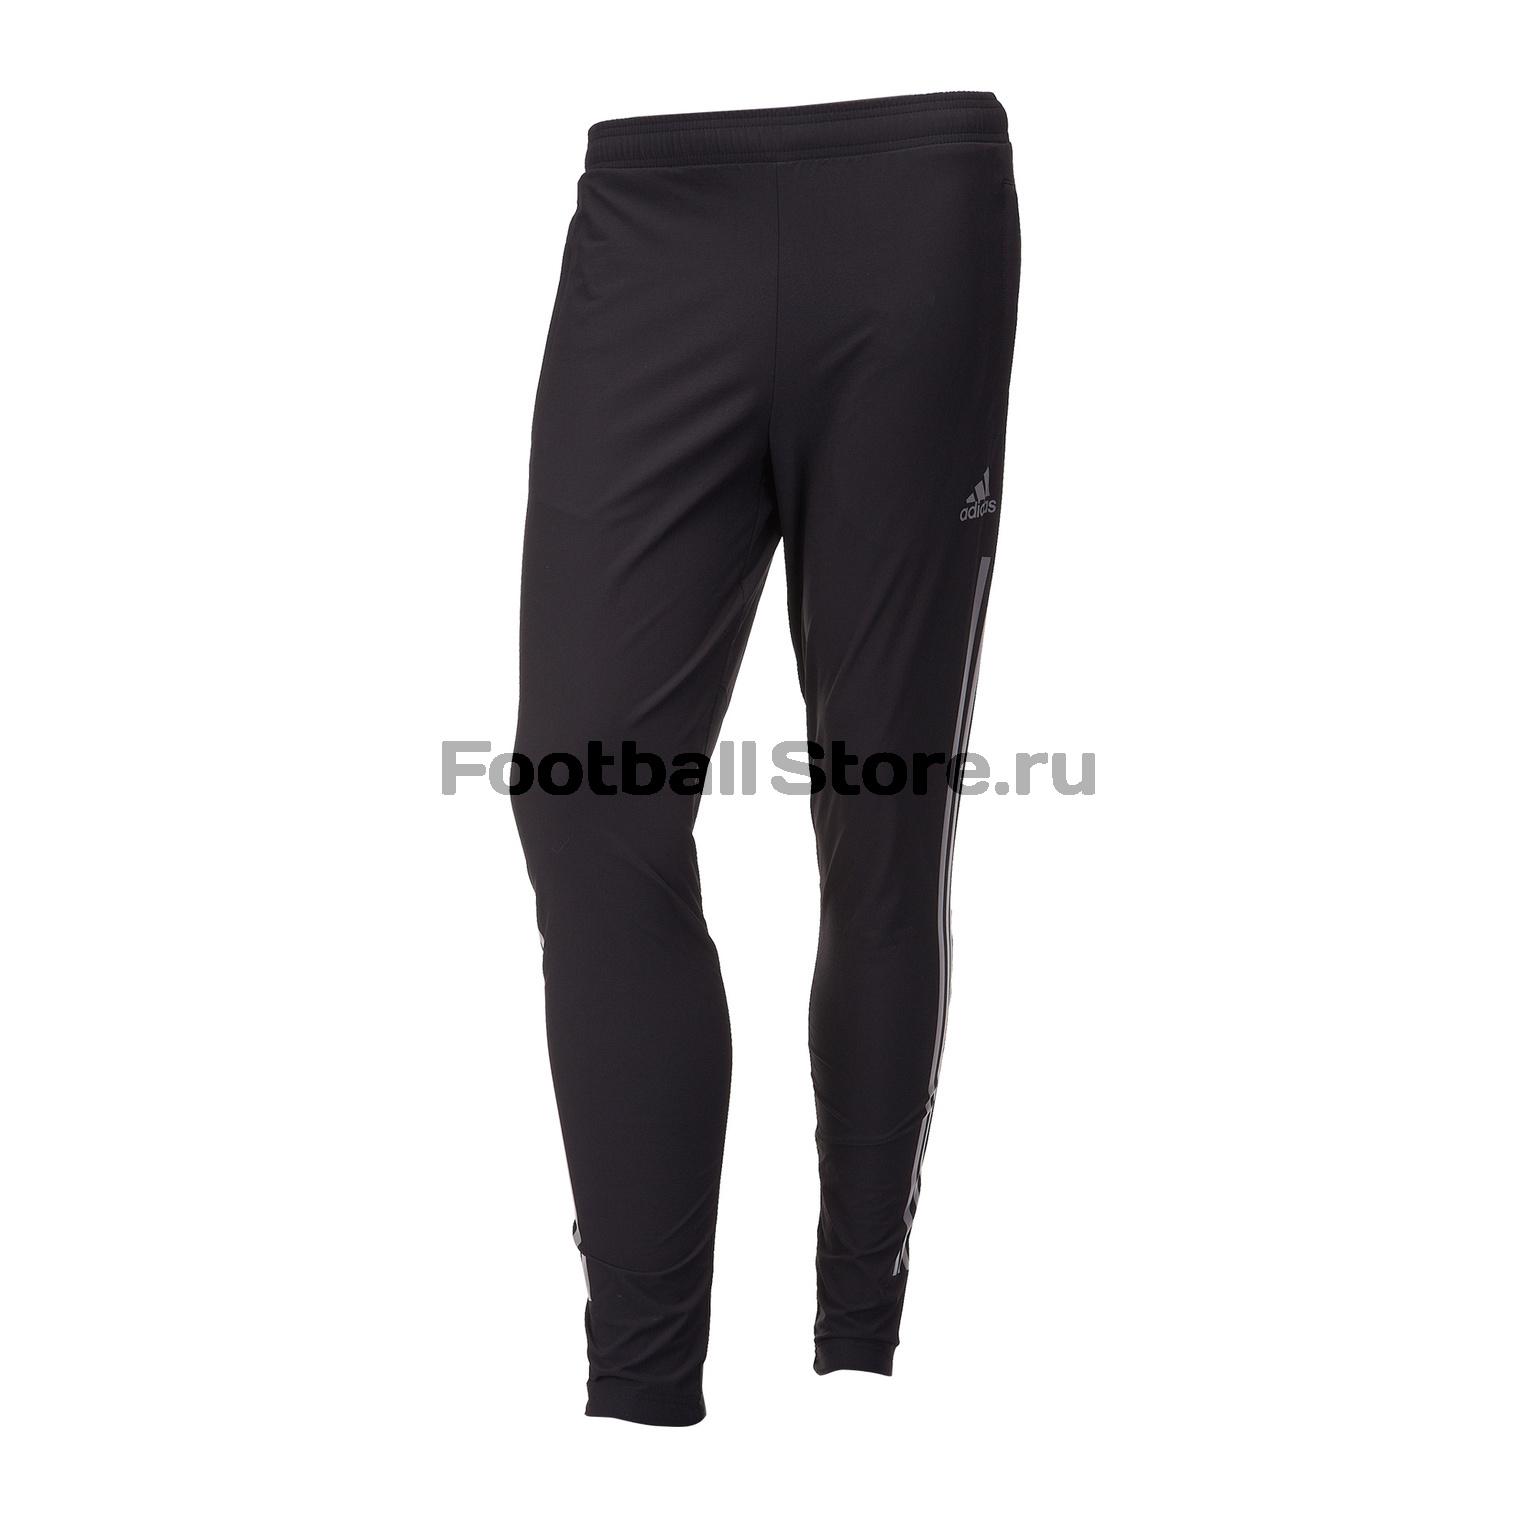 Брюки тренировочные Adidas Tec Pnt CW7394 брюки adidas брюки тренировочные adidas tiro17 swt pnt ay2960